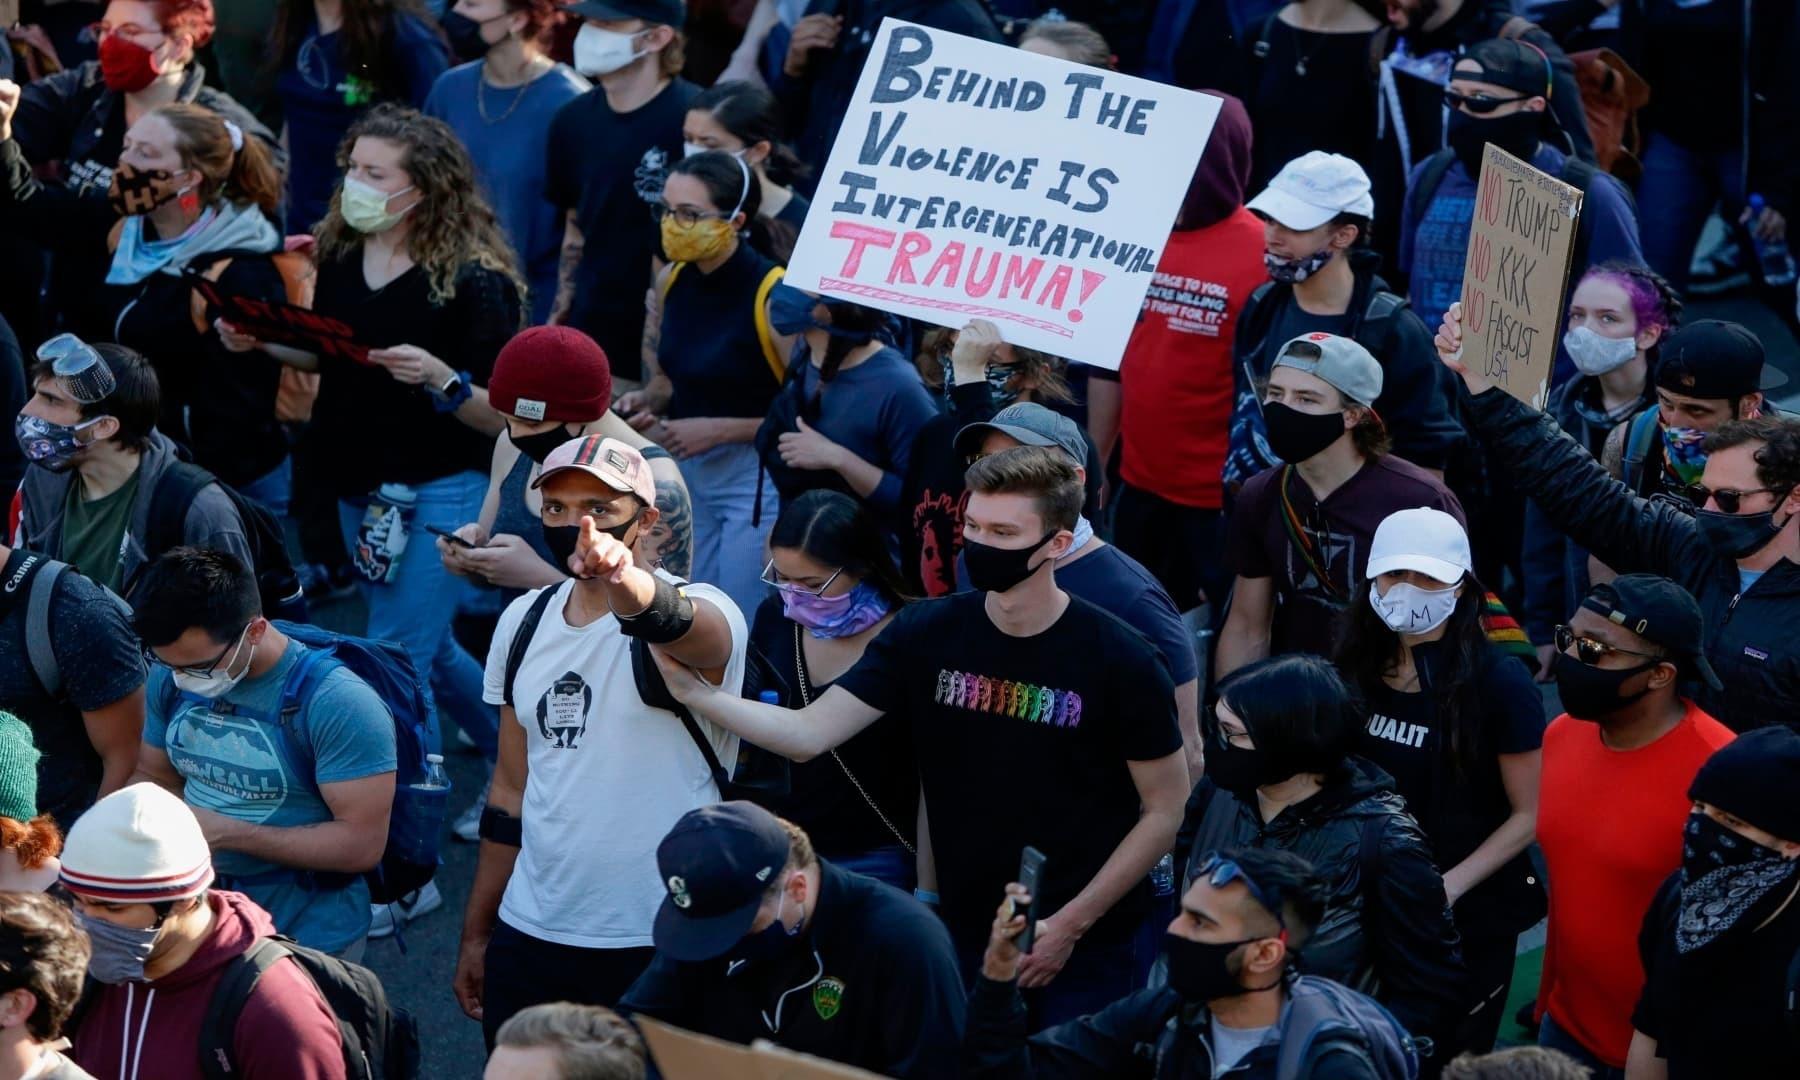 مظاہرین نے احتجاج کے دوران پلے کارڈ اٹھا رکھیں ہیں  — فوٹو: اے ایف پی